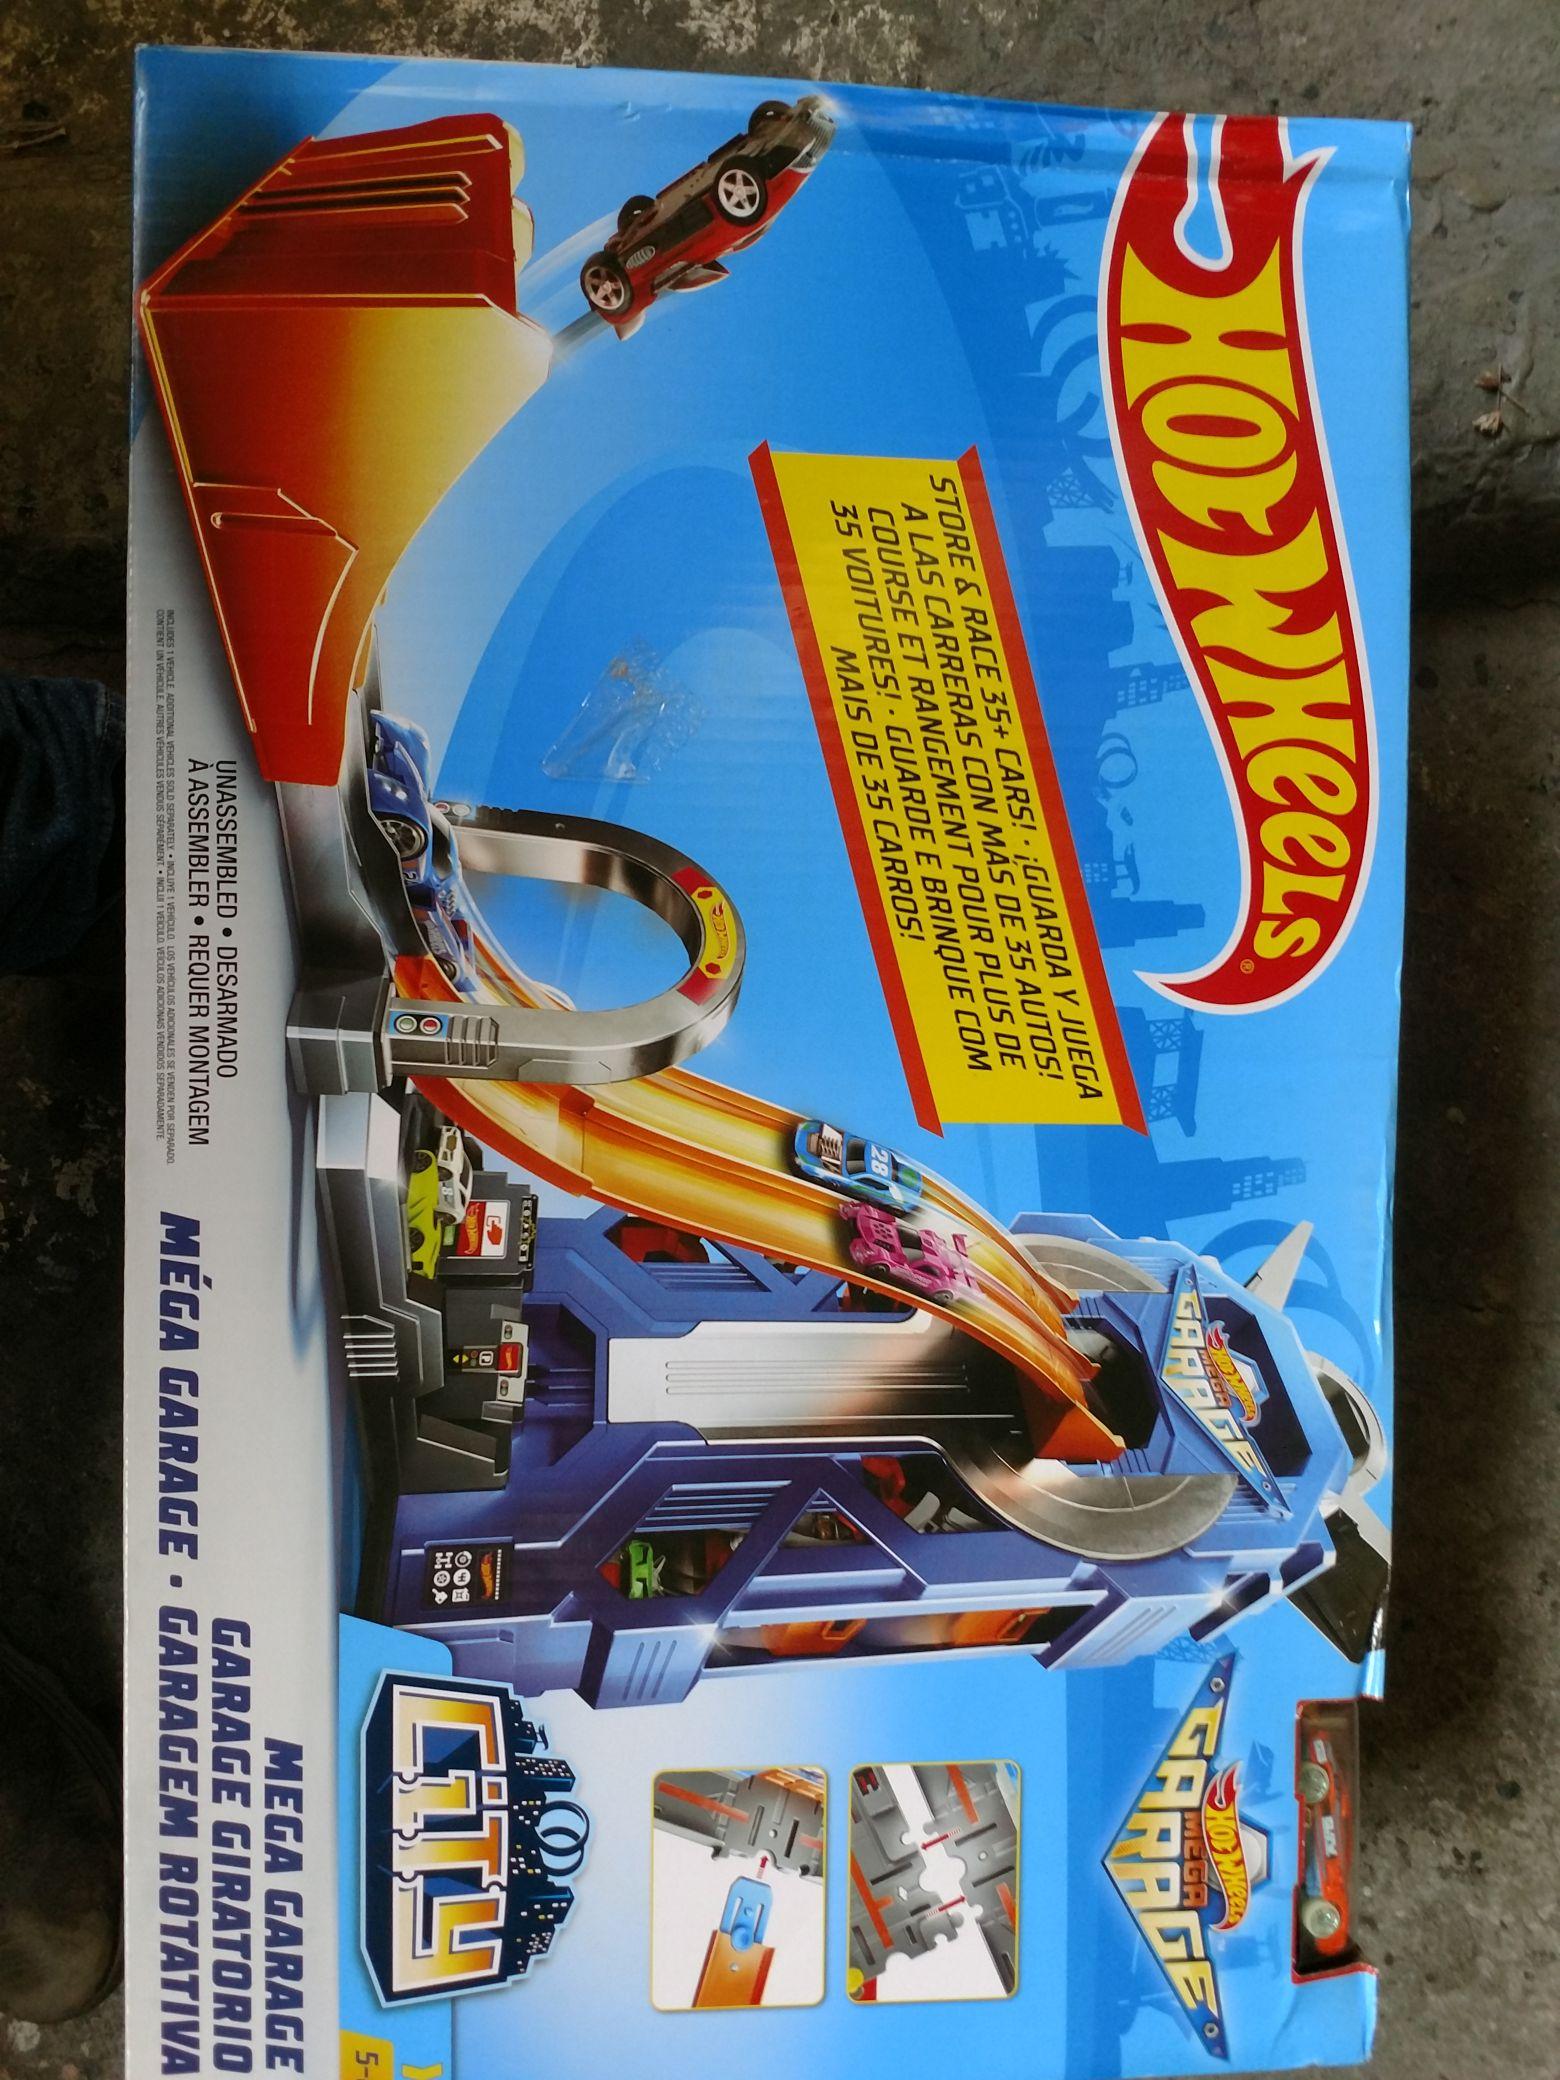 Bodega Aurrera: Pista Hot Wheels Mega Garage y varios juguetes último liquidación